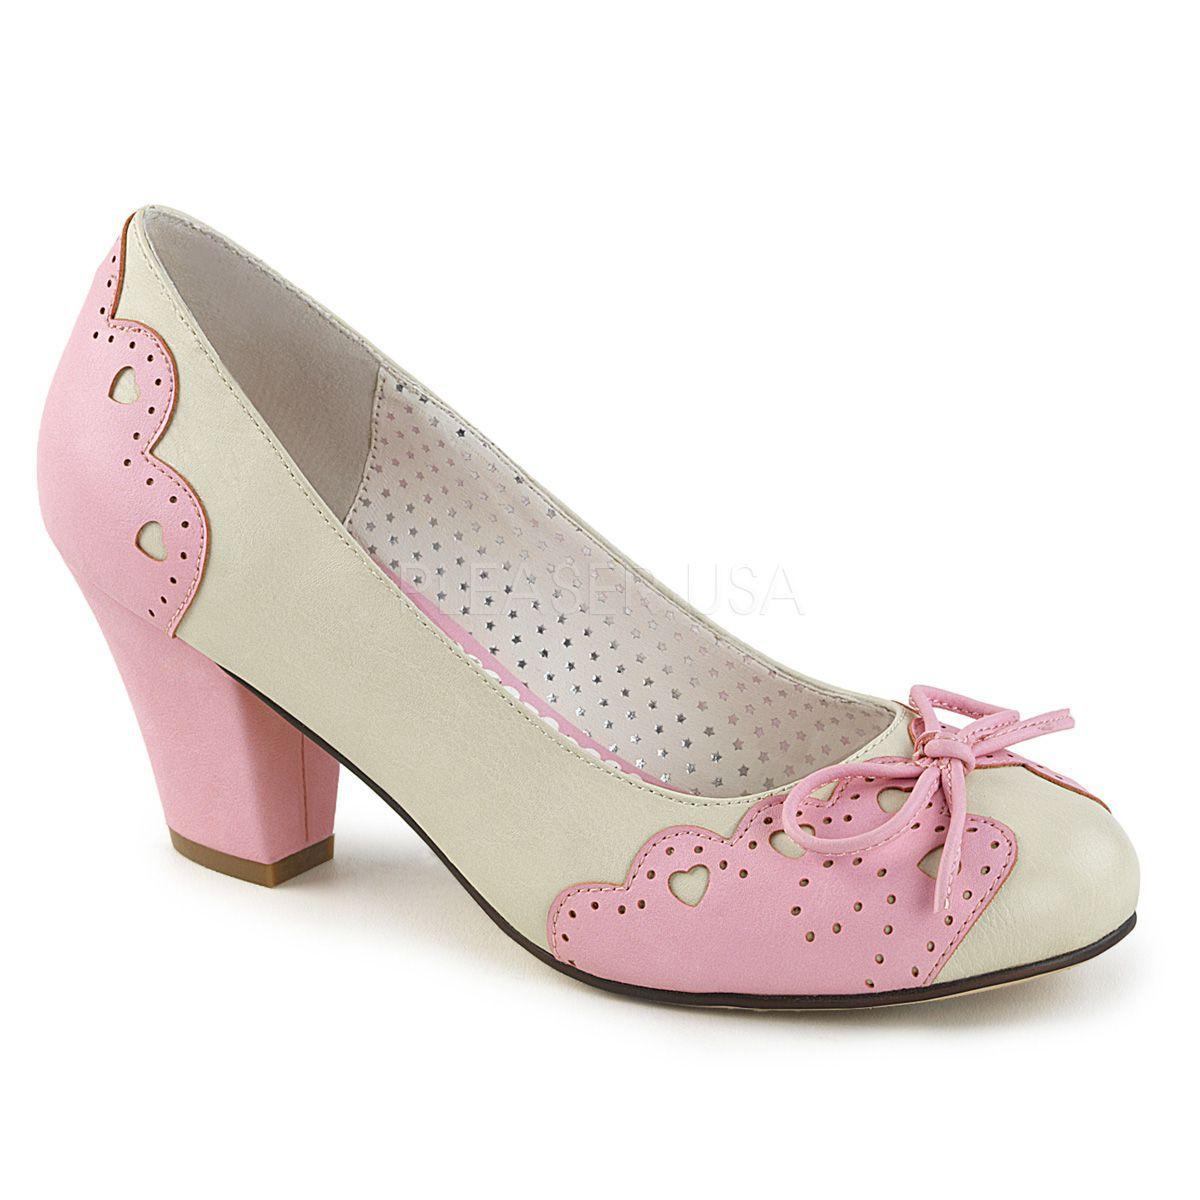 Zapatos Pin Up de tacón bajo y lazo al frente con detalles de corazones